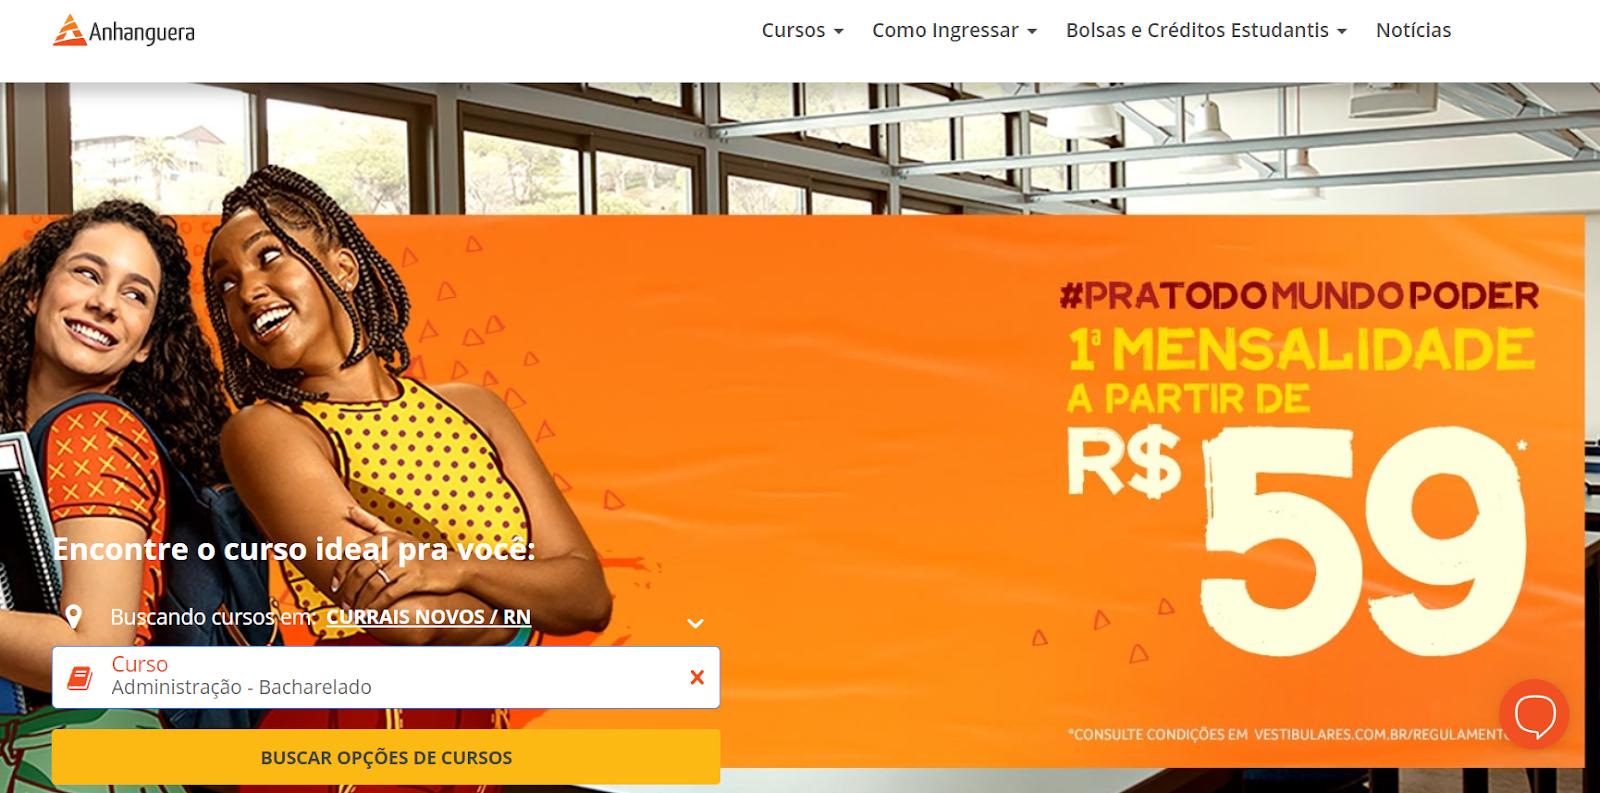 página da anhanguera no vestibulares.com.br e busca de cursos na cidade de currais novos